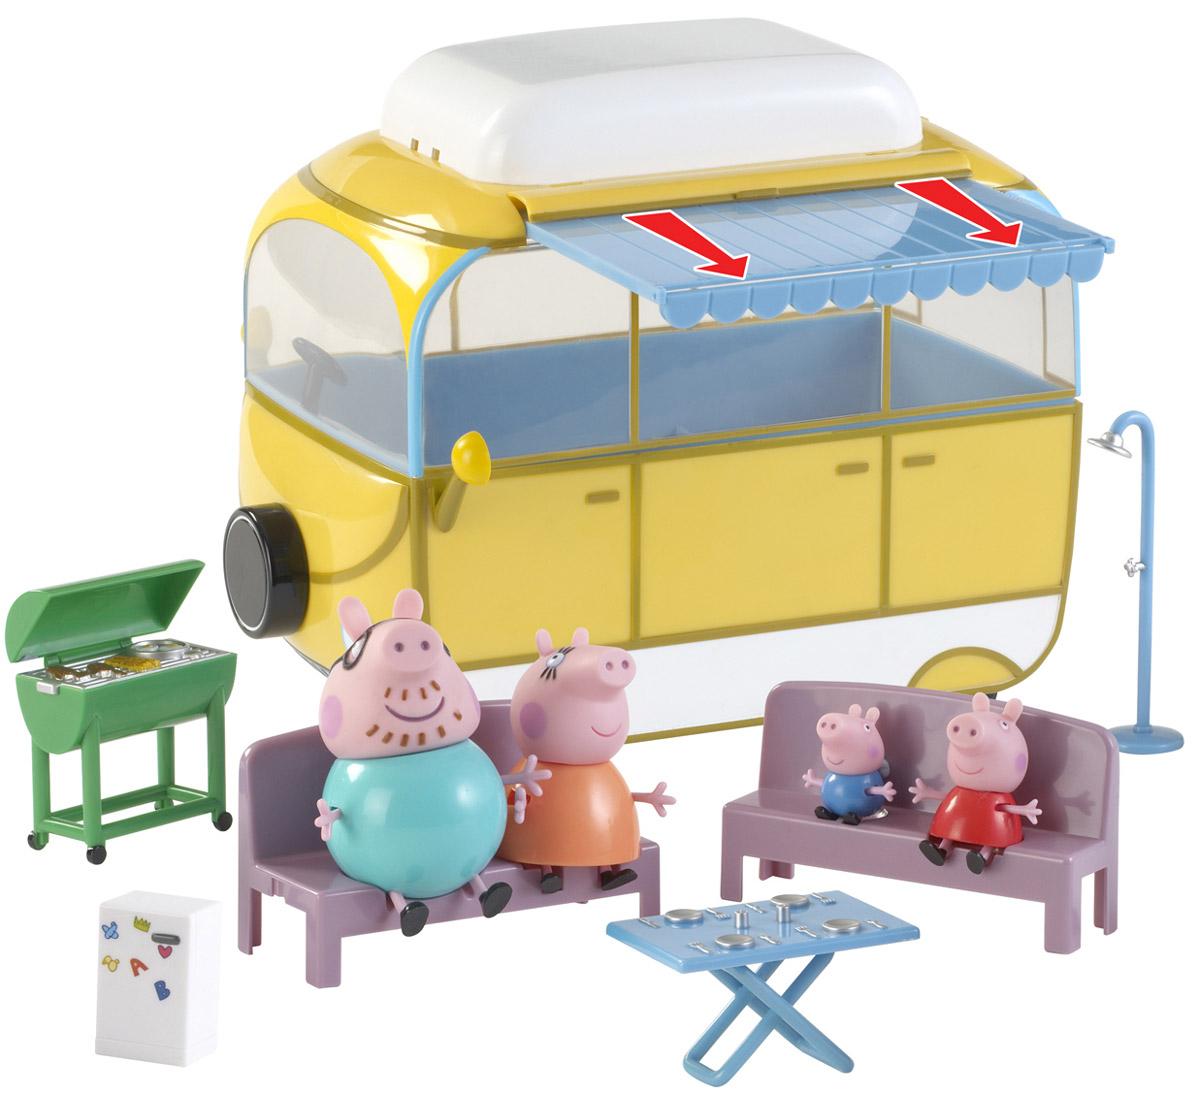 Peppa Pig Игровой набор Кемпинг Пеппы игровой набор peppa pig семья пеппы папа свин и джорж 2 предмета от 3 лет 20837